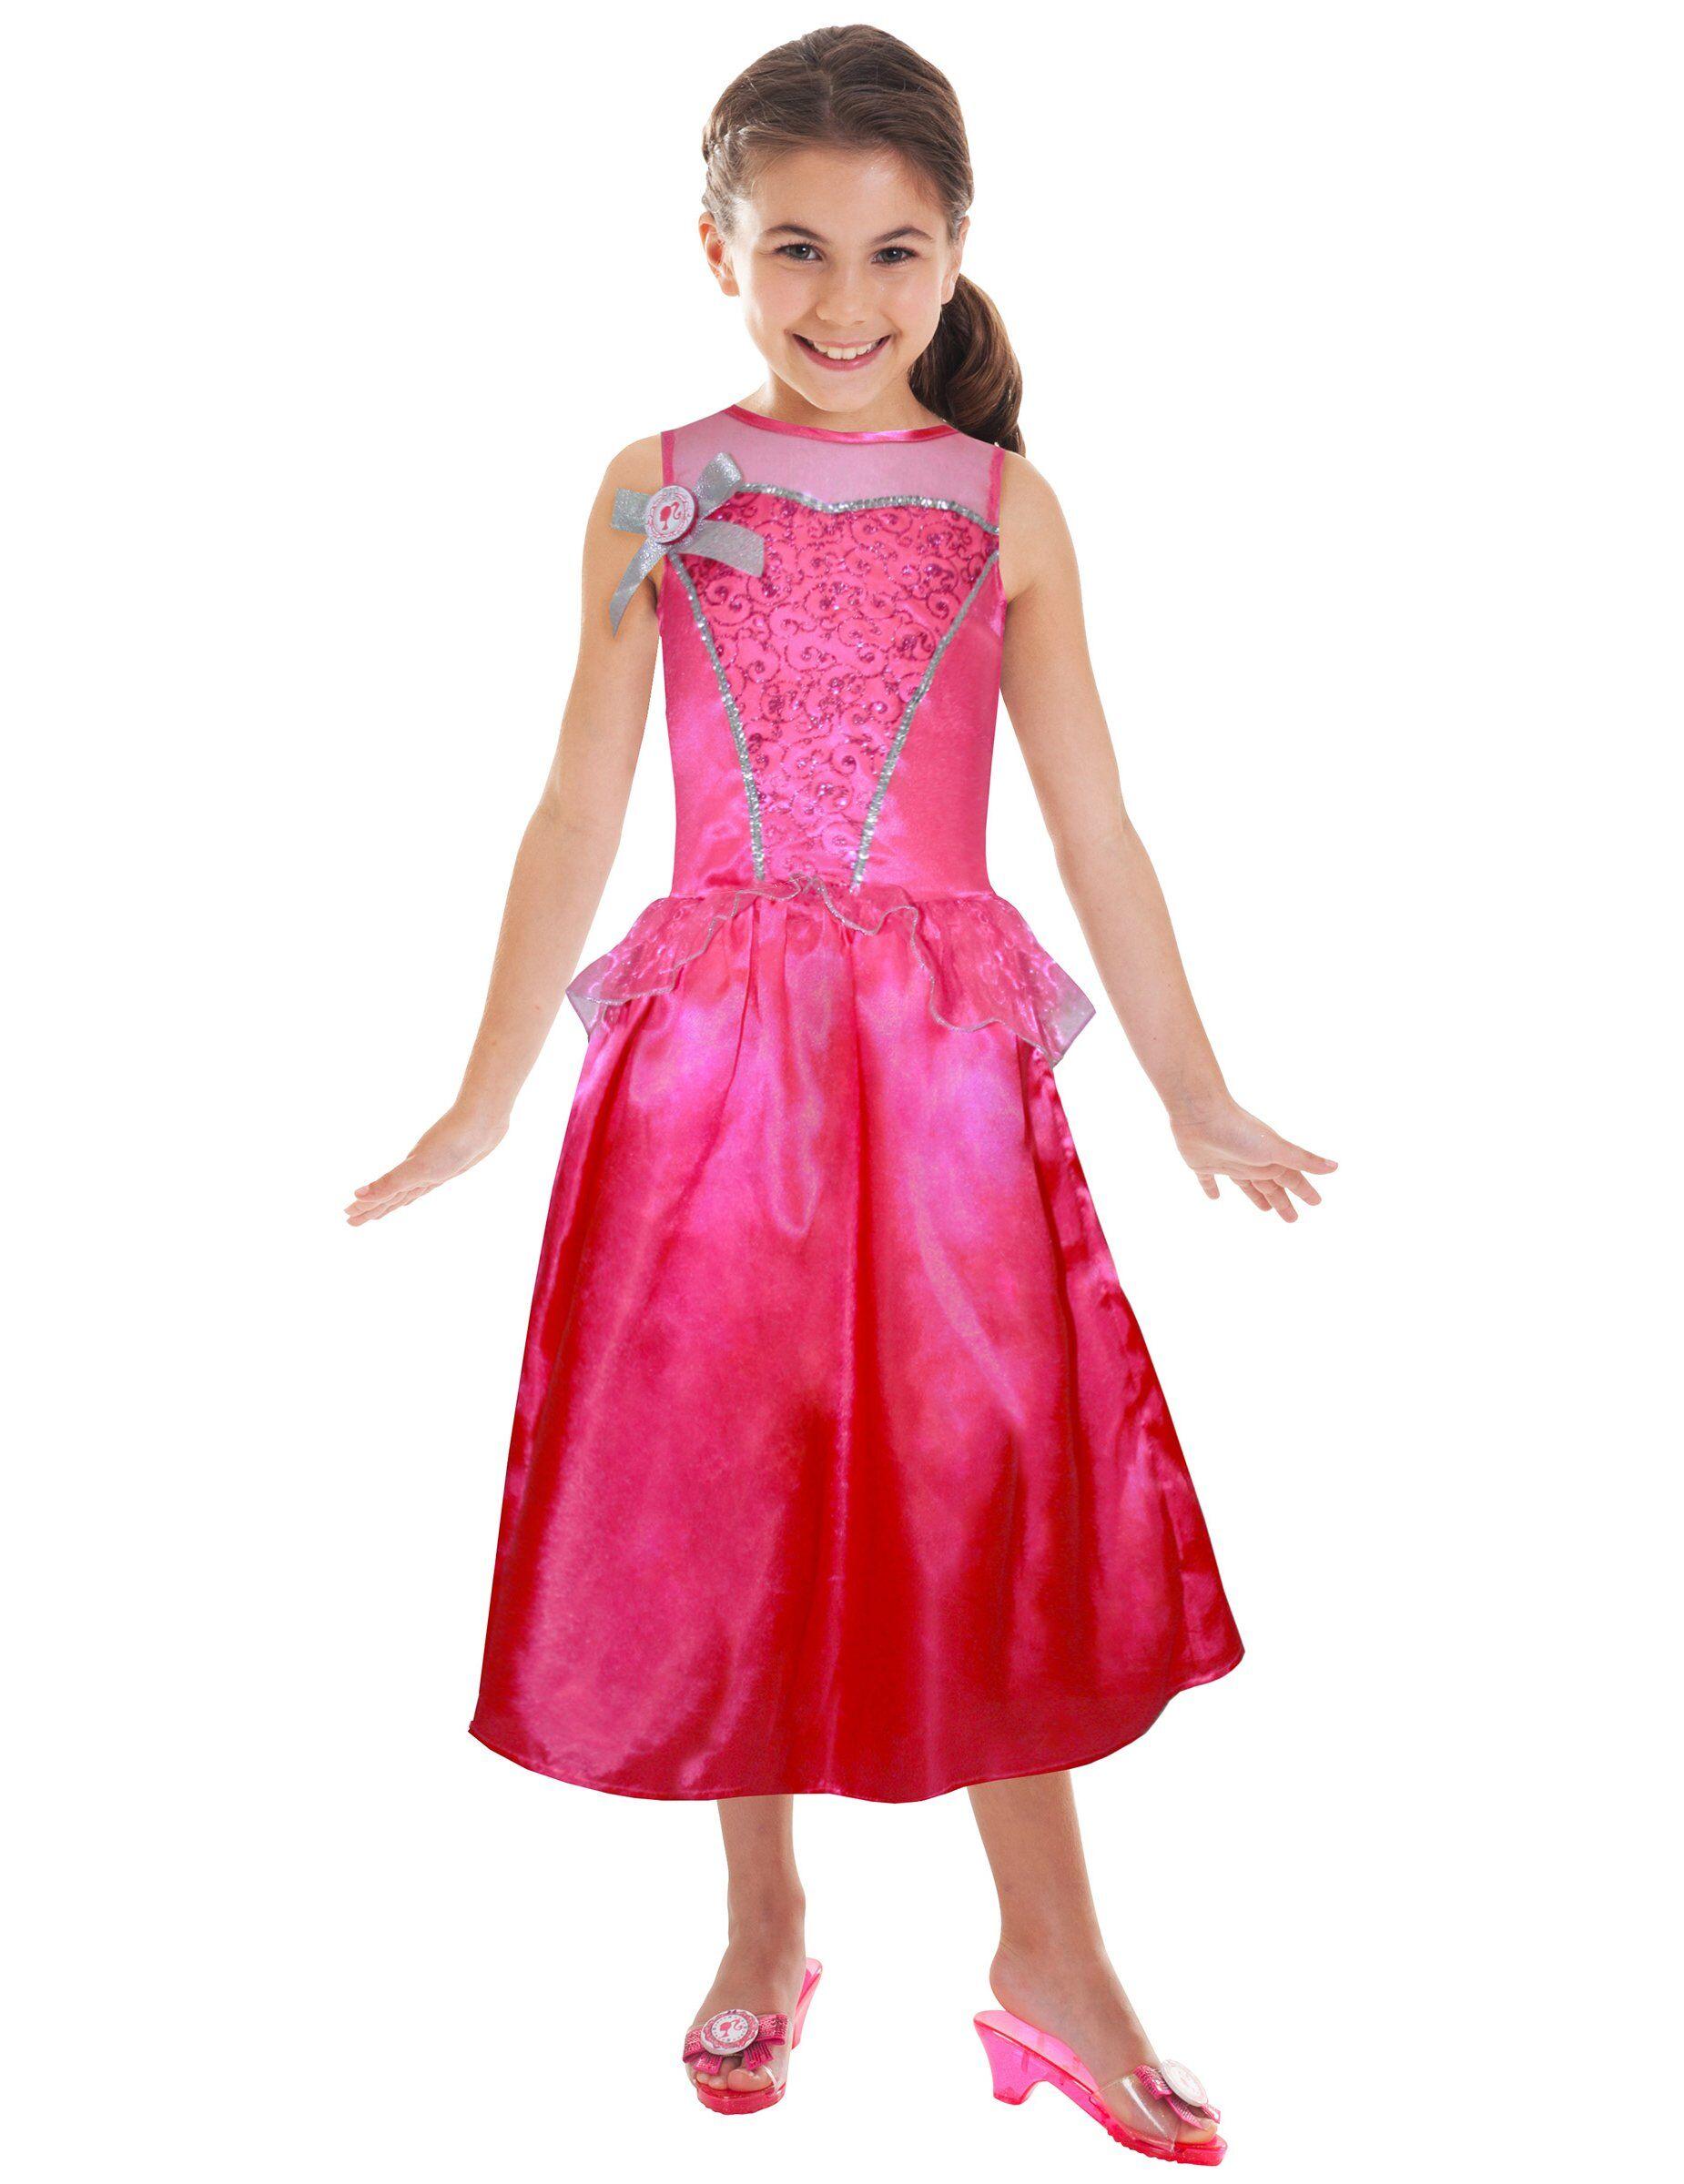 Deguisetoi Déguisement Barbie princesse à paillettes fille - Taille: 3-4 ans (94-104 cm)